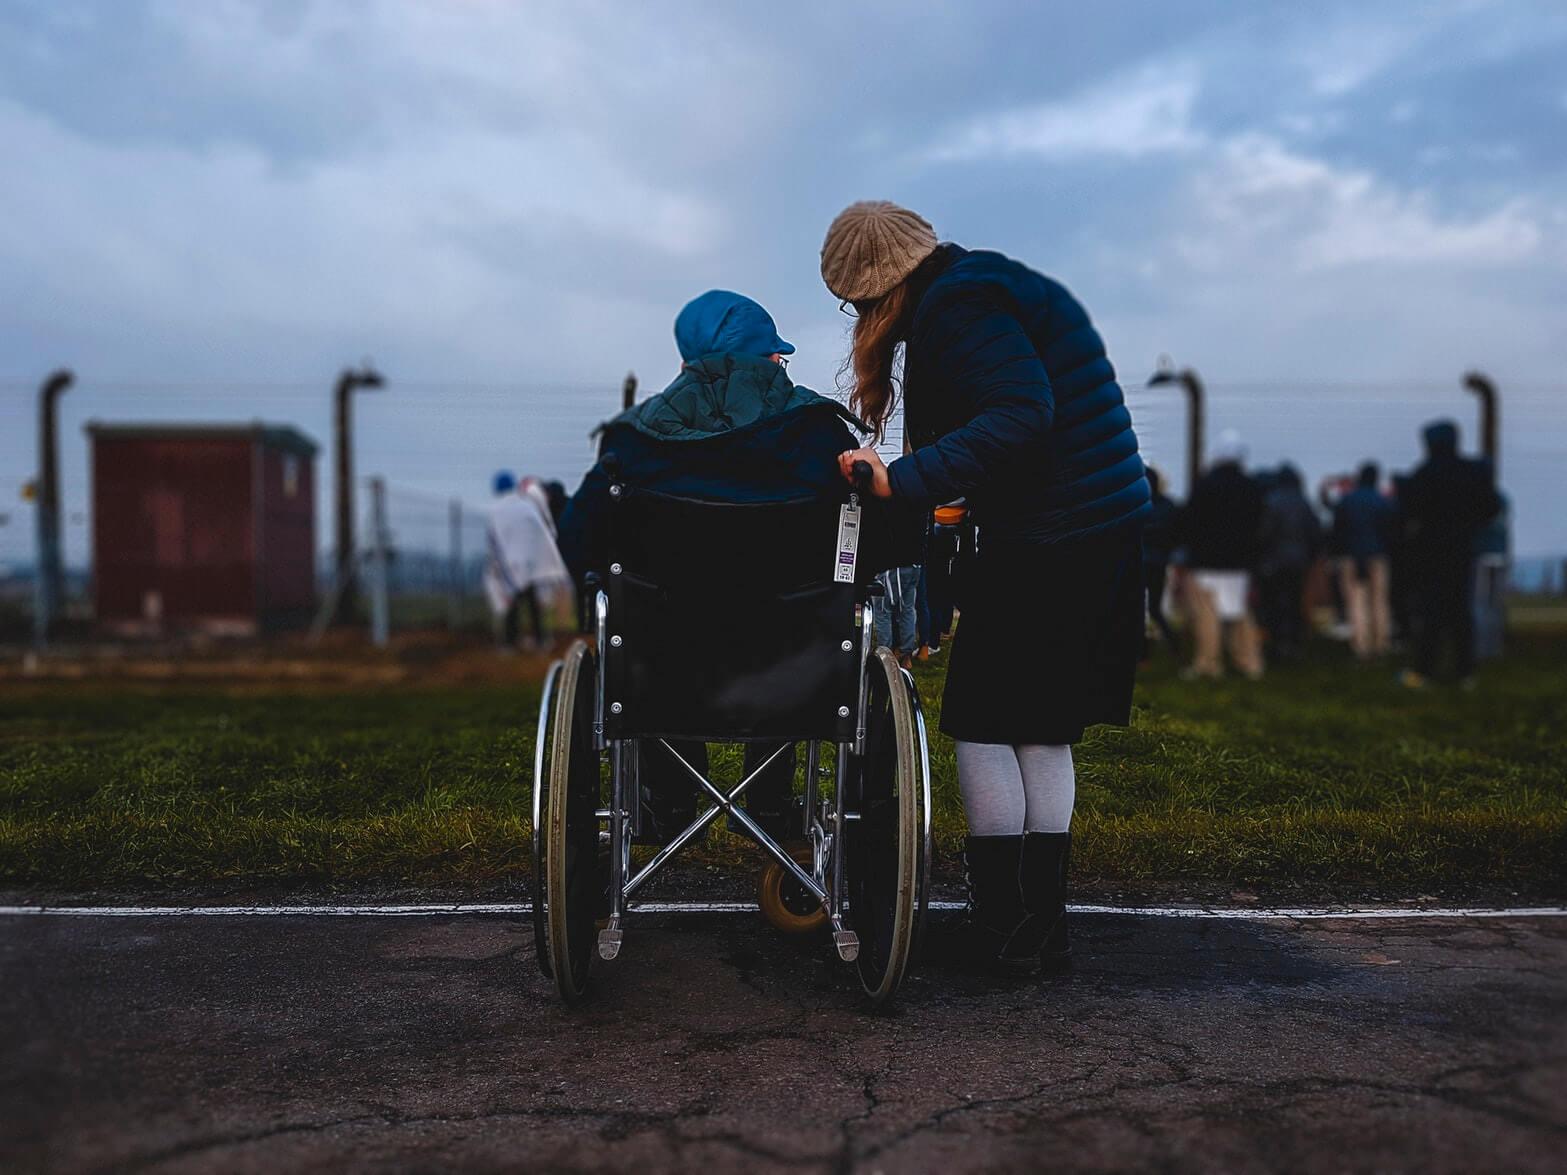 Puljanka živi od 1.500 kuna invalidske mirovine, za državu ona nije dovoljno invalid